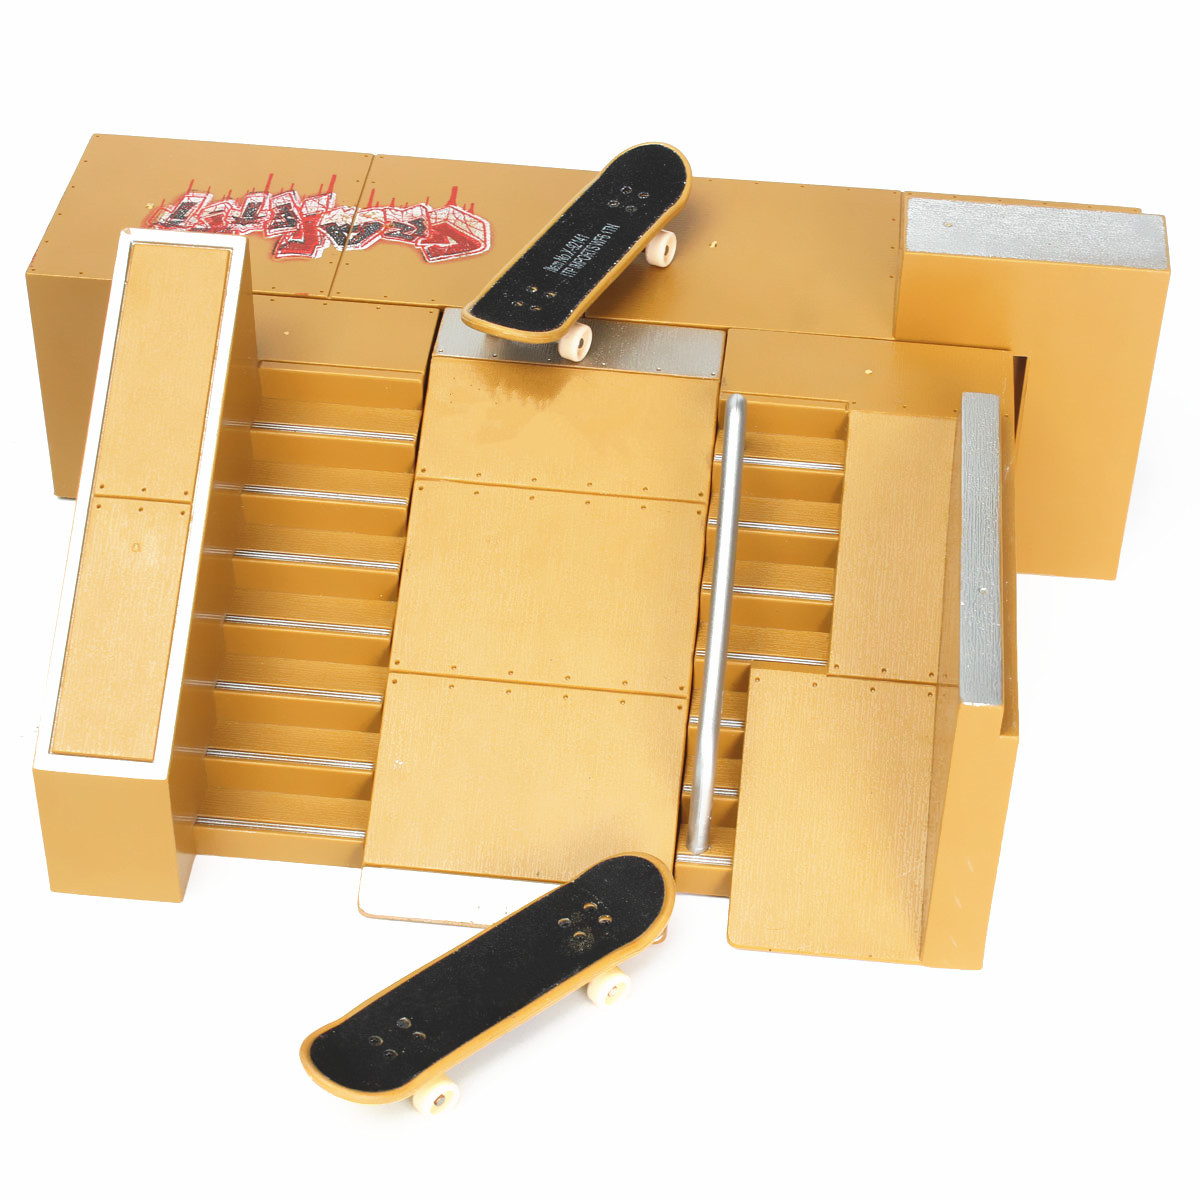 Skate park ramp parts for tech deck fingerboard finger board ultimate parks 91c alex nld - Tech deck finger skateboards ...